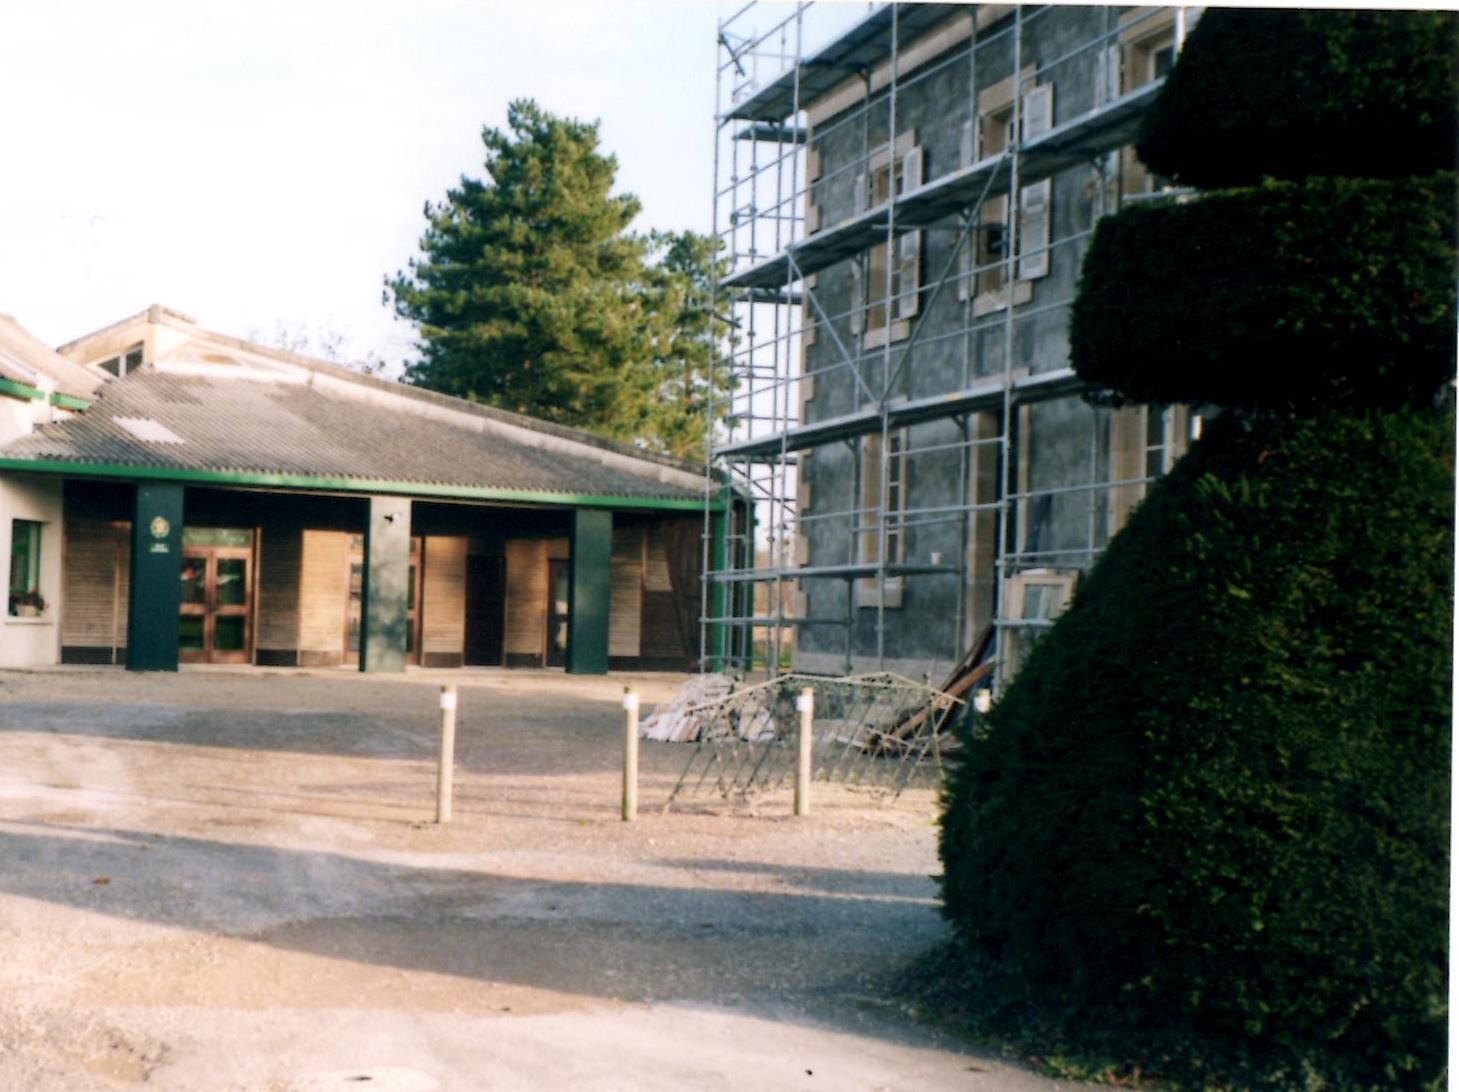 Mairie restauration 2004.jpg